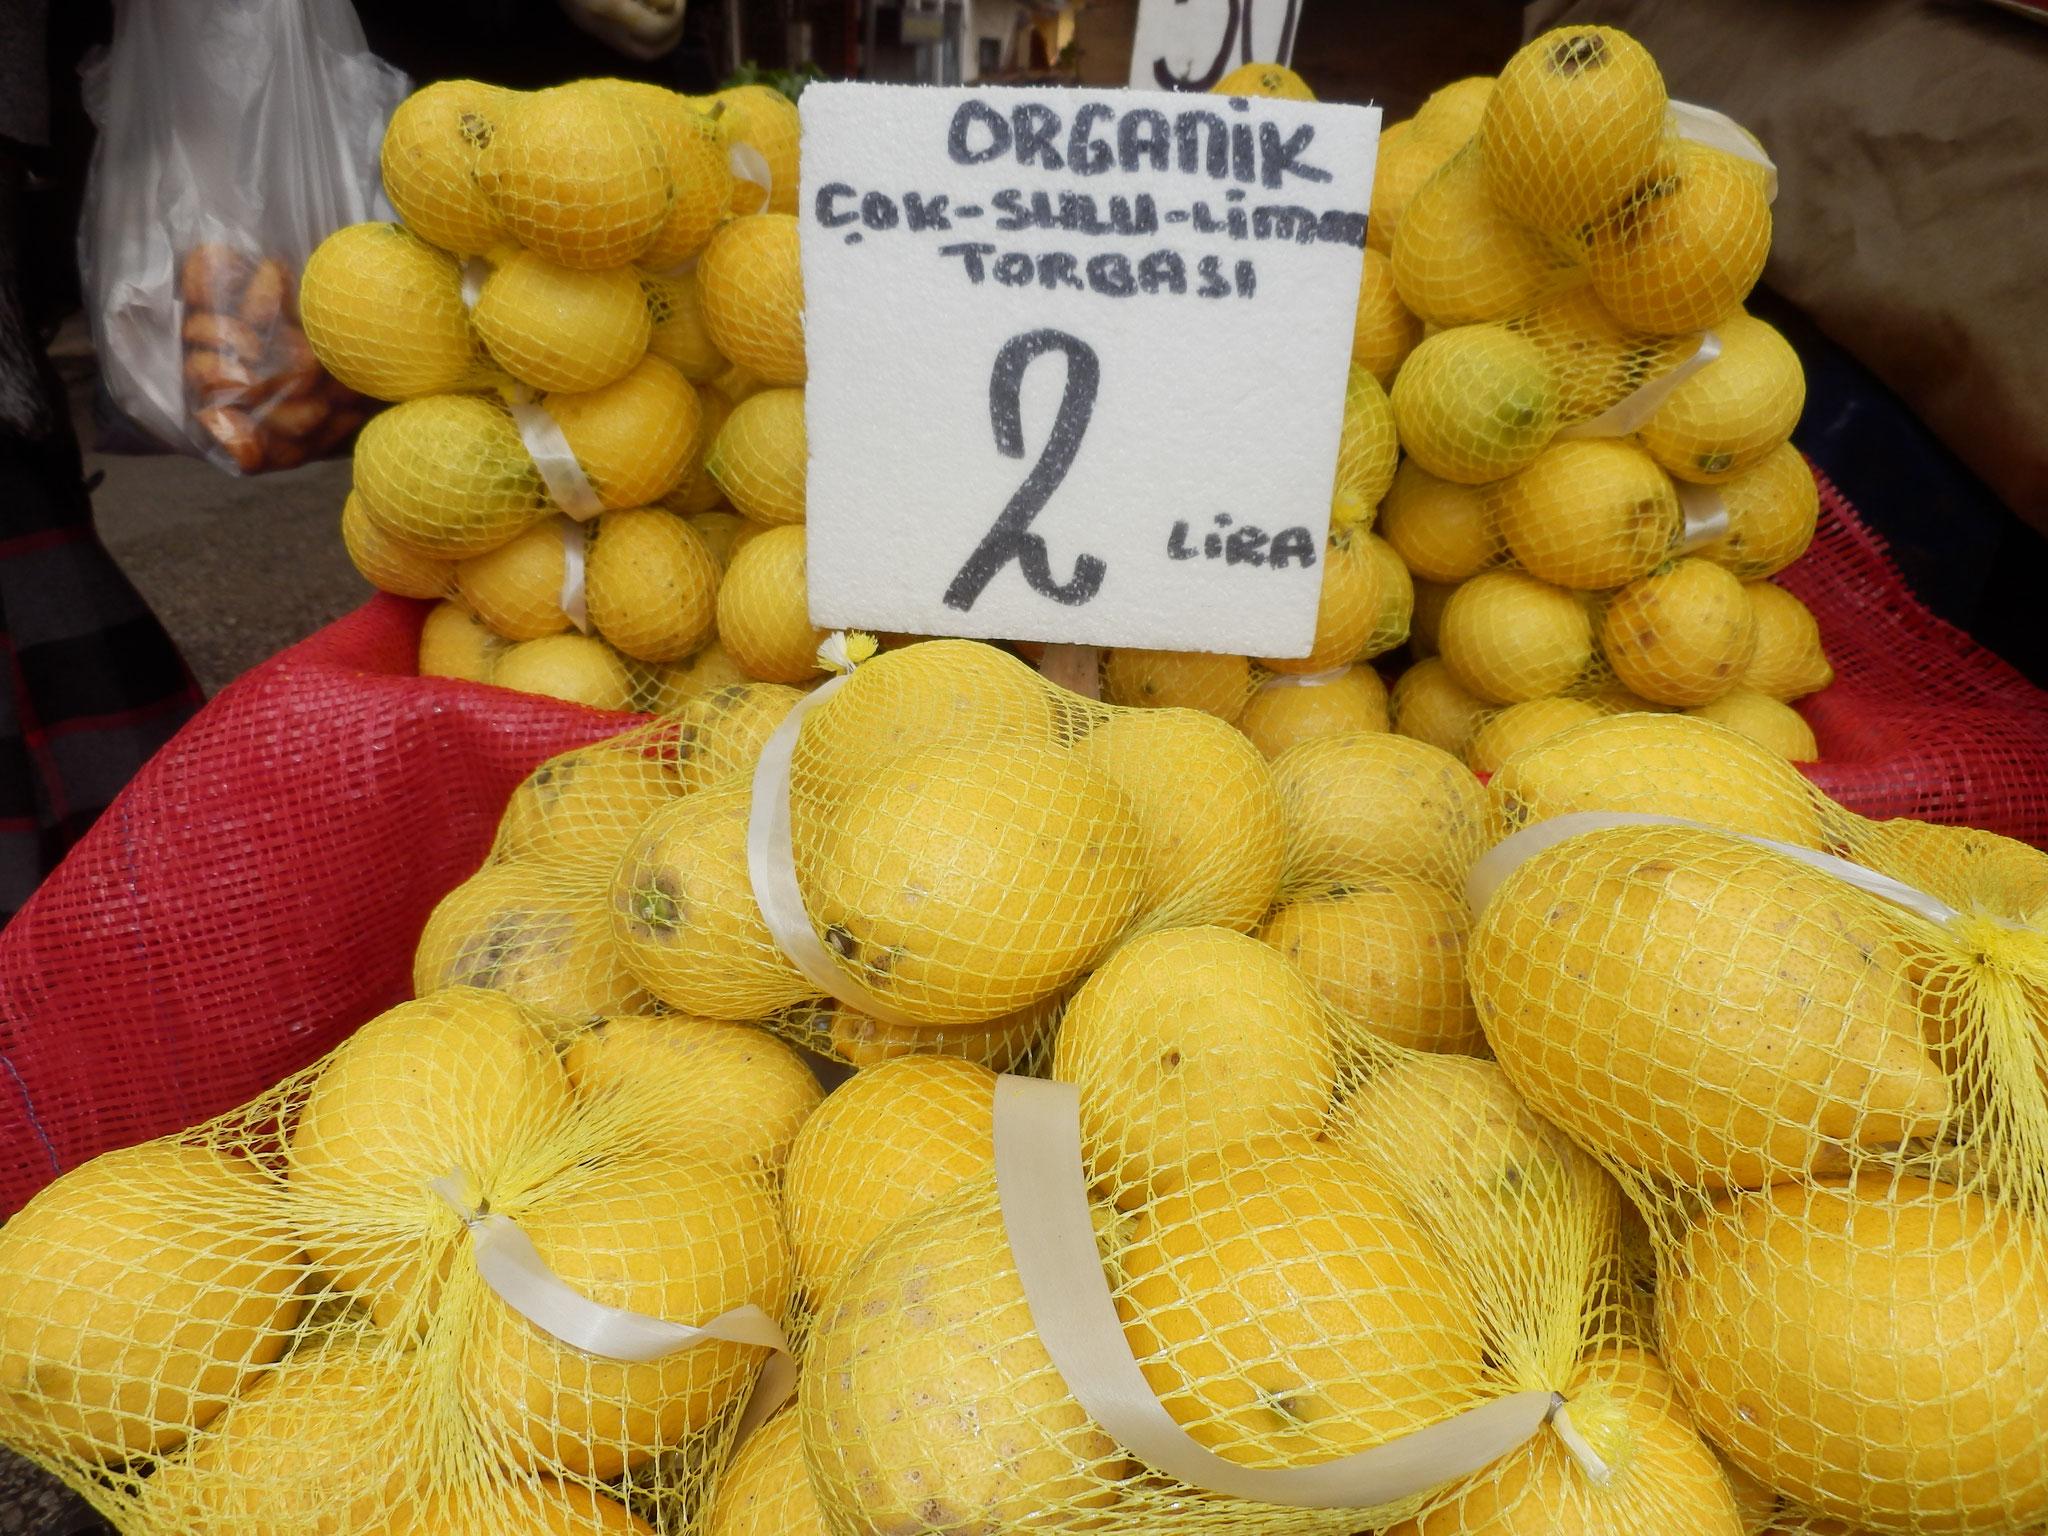 果汁たっぷり有機レモン1袋2リラ